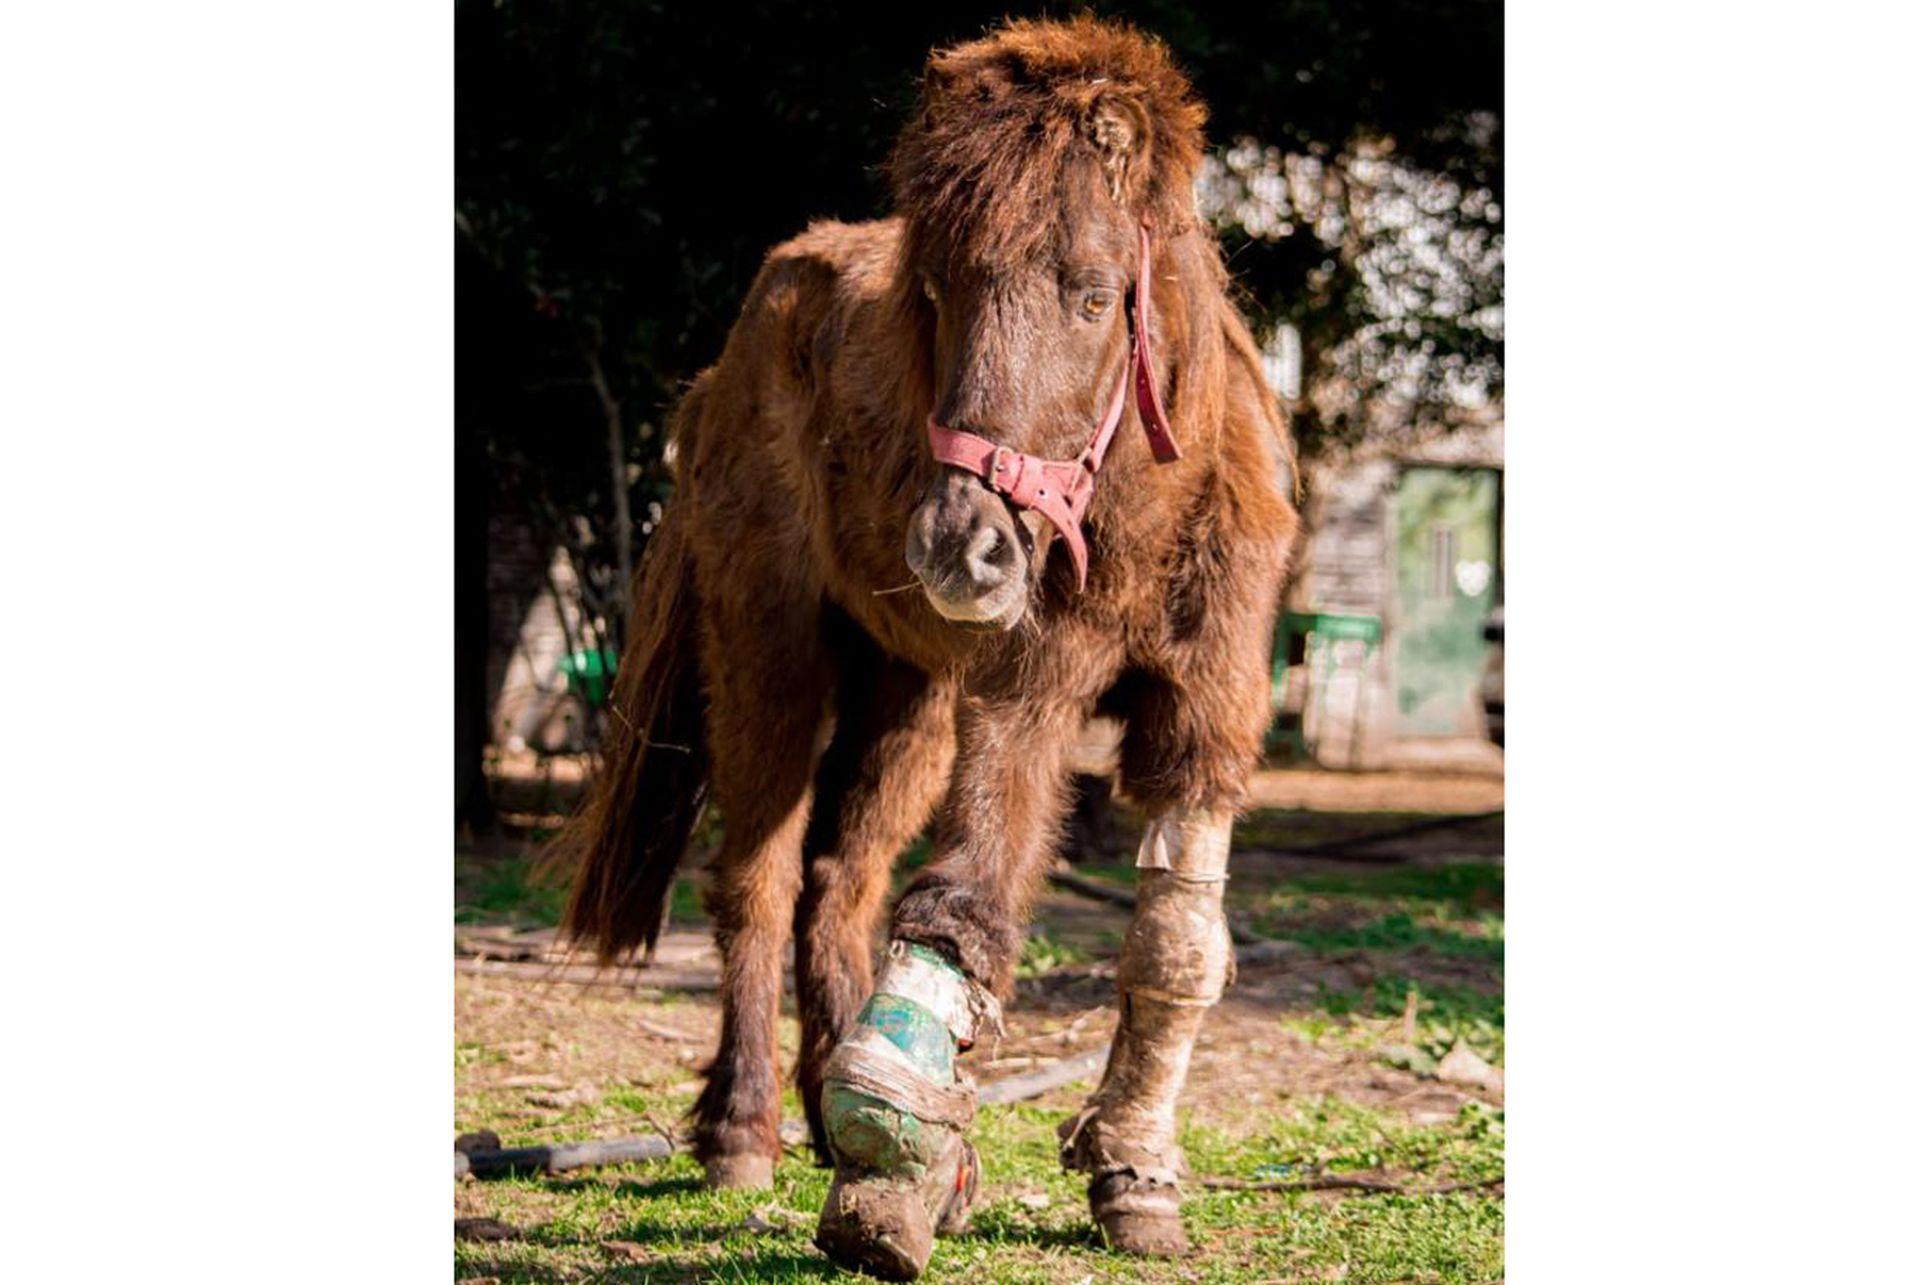 El pony Peregrino fue rescatado con una fractura mal fijada en su brazo derecho. Vive en el CRRE